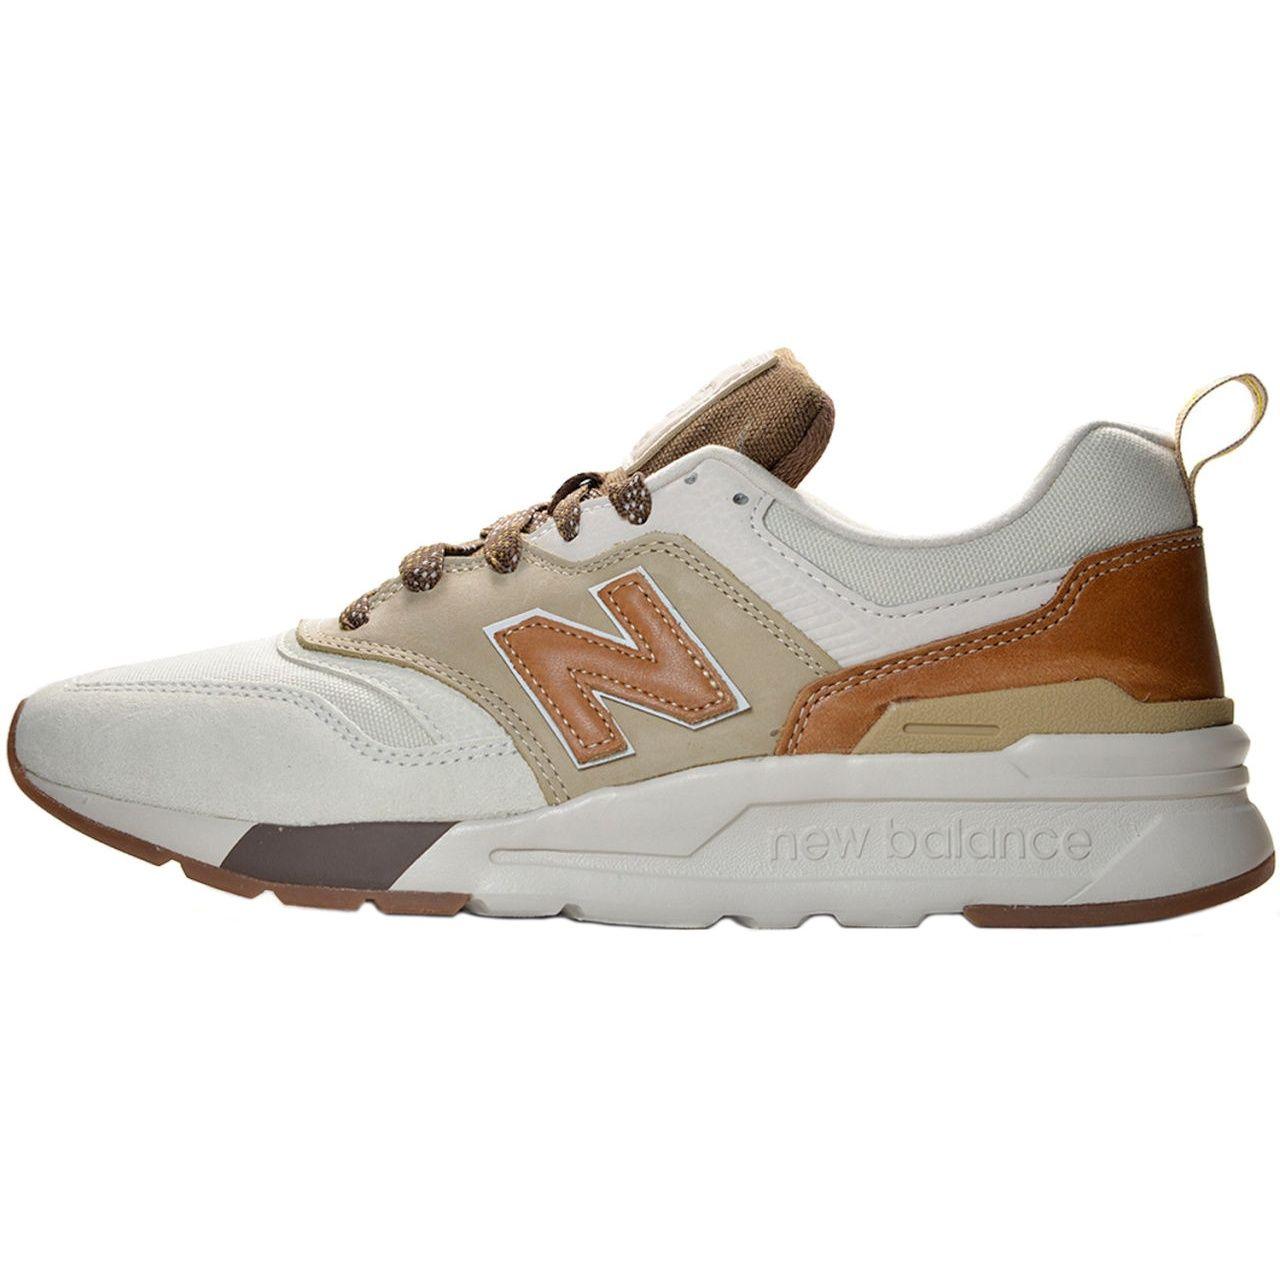 کفش مخصوص پیاده روی مردانه نیو بالانس کد CM997HDV